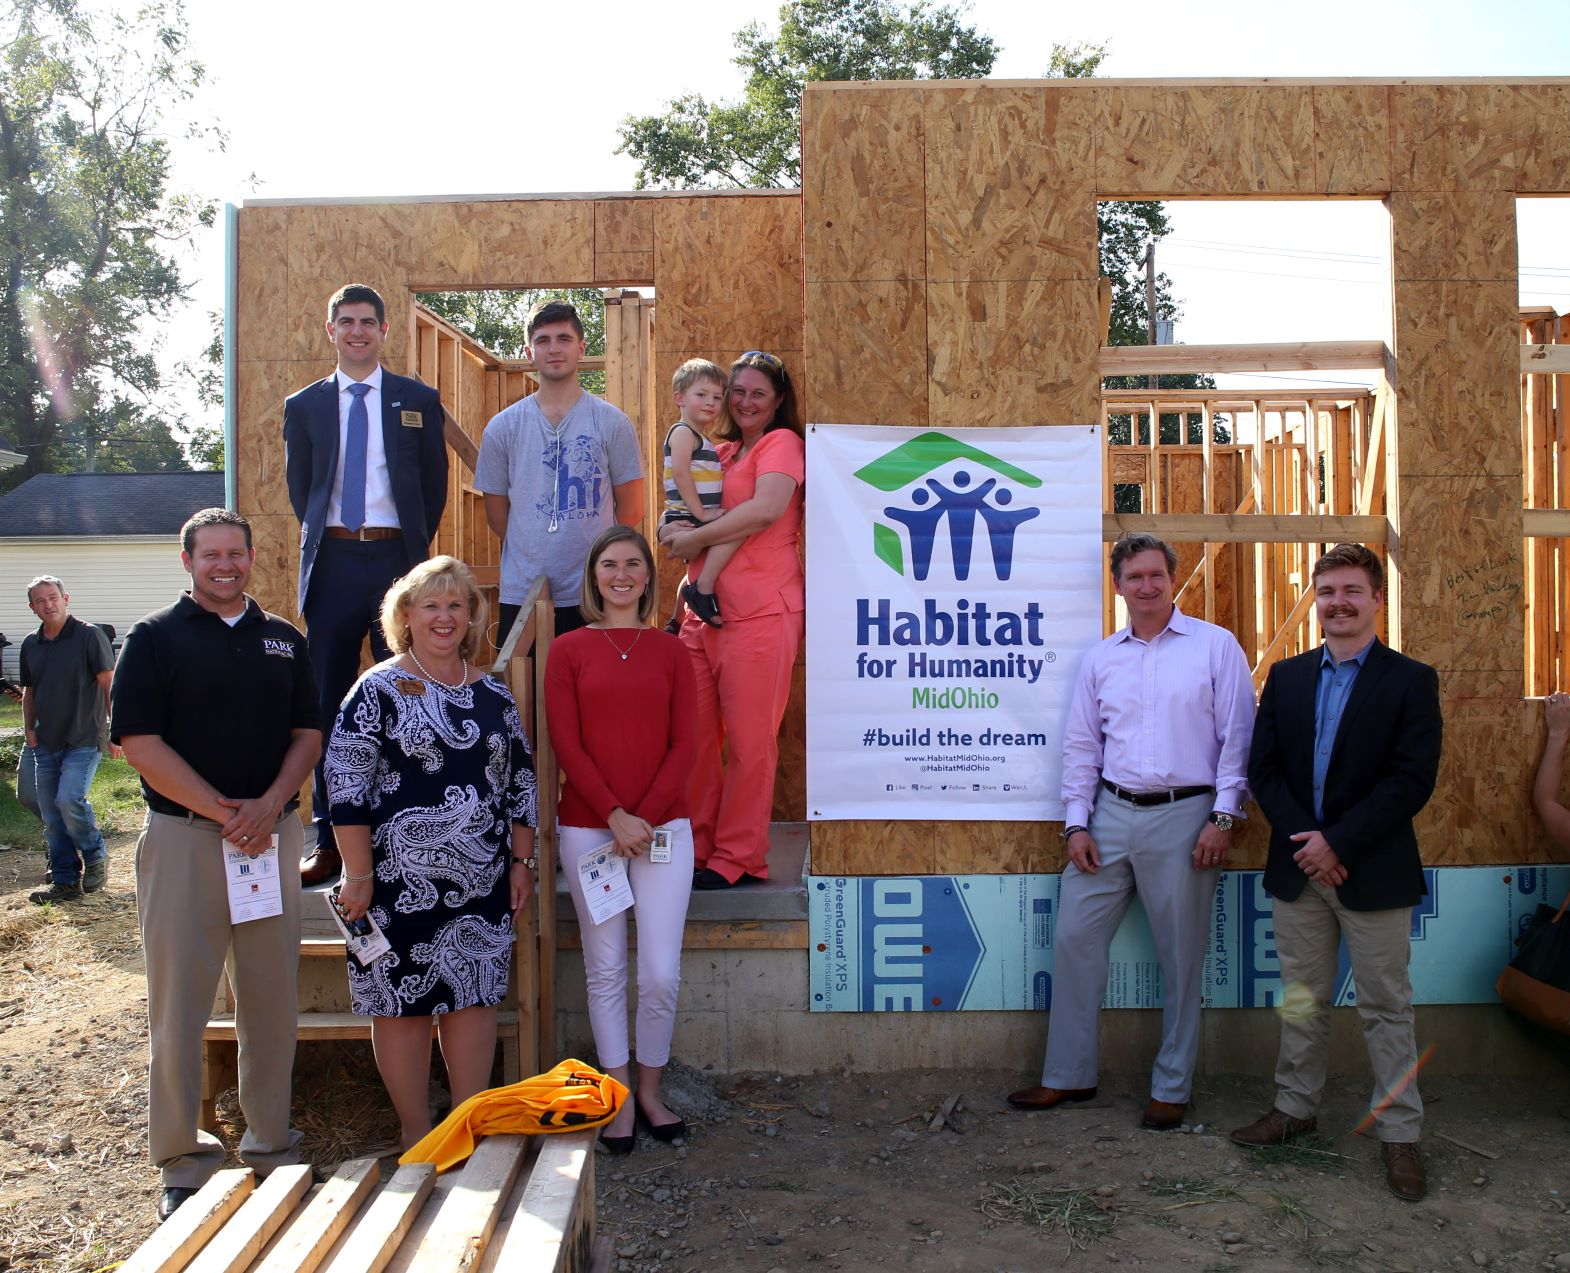 Habitat 2019 BLS